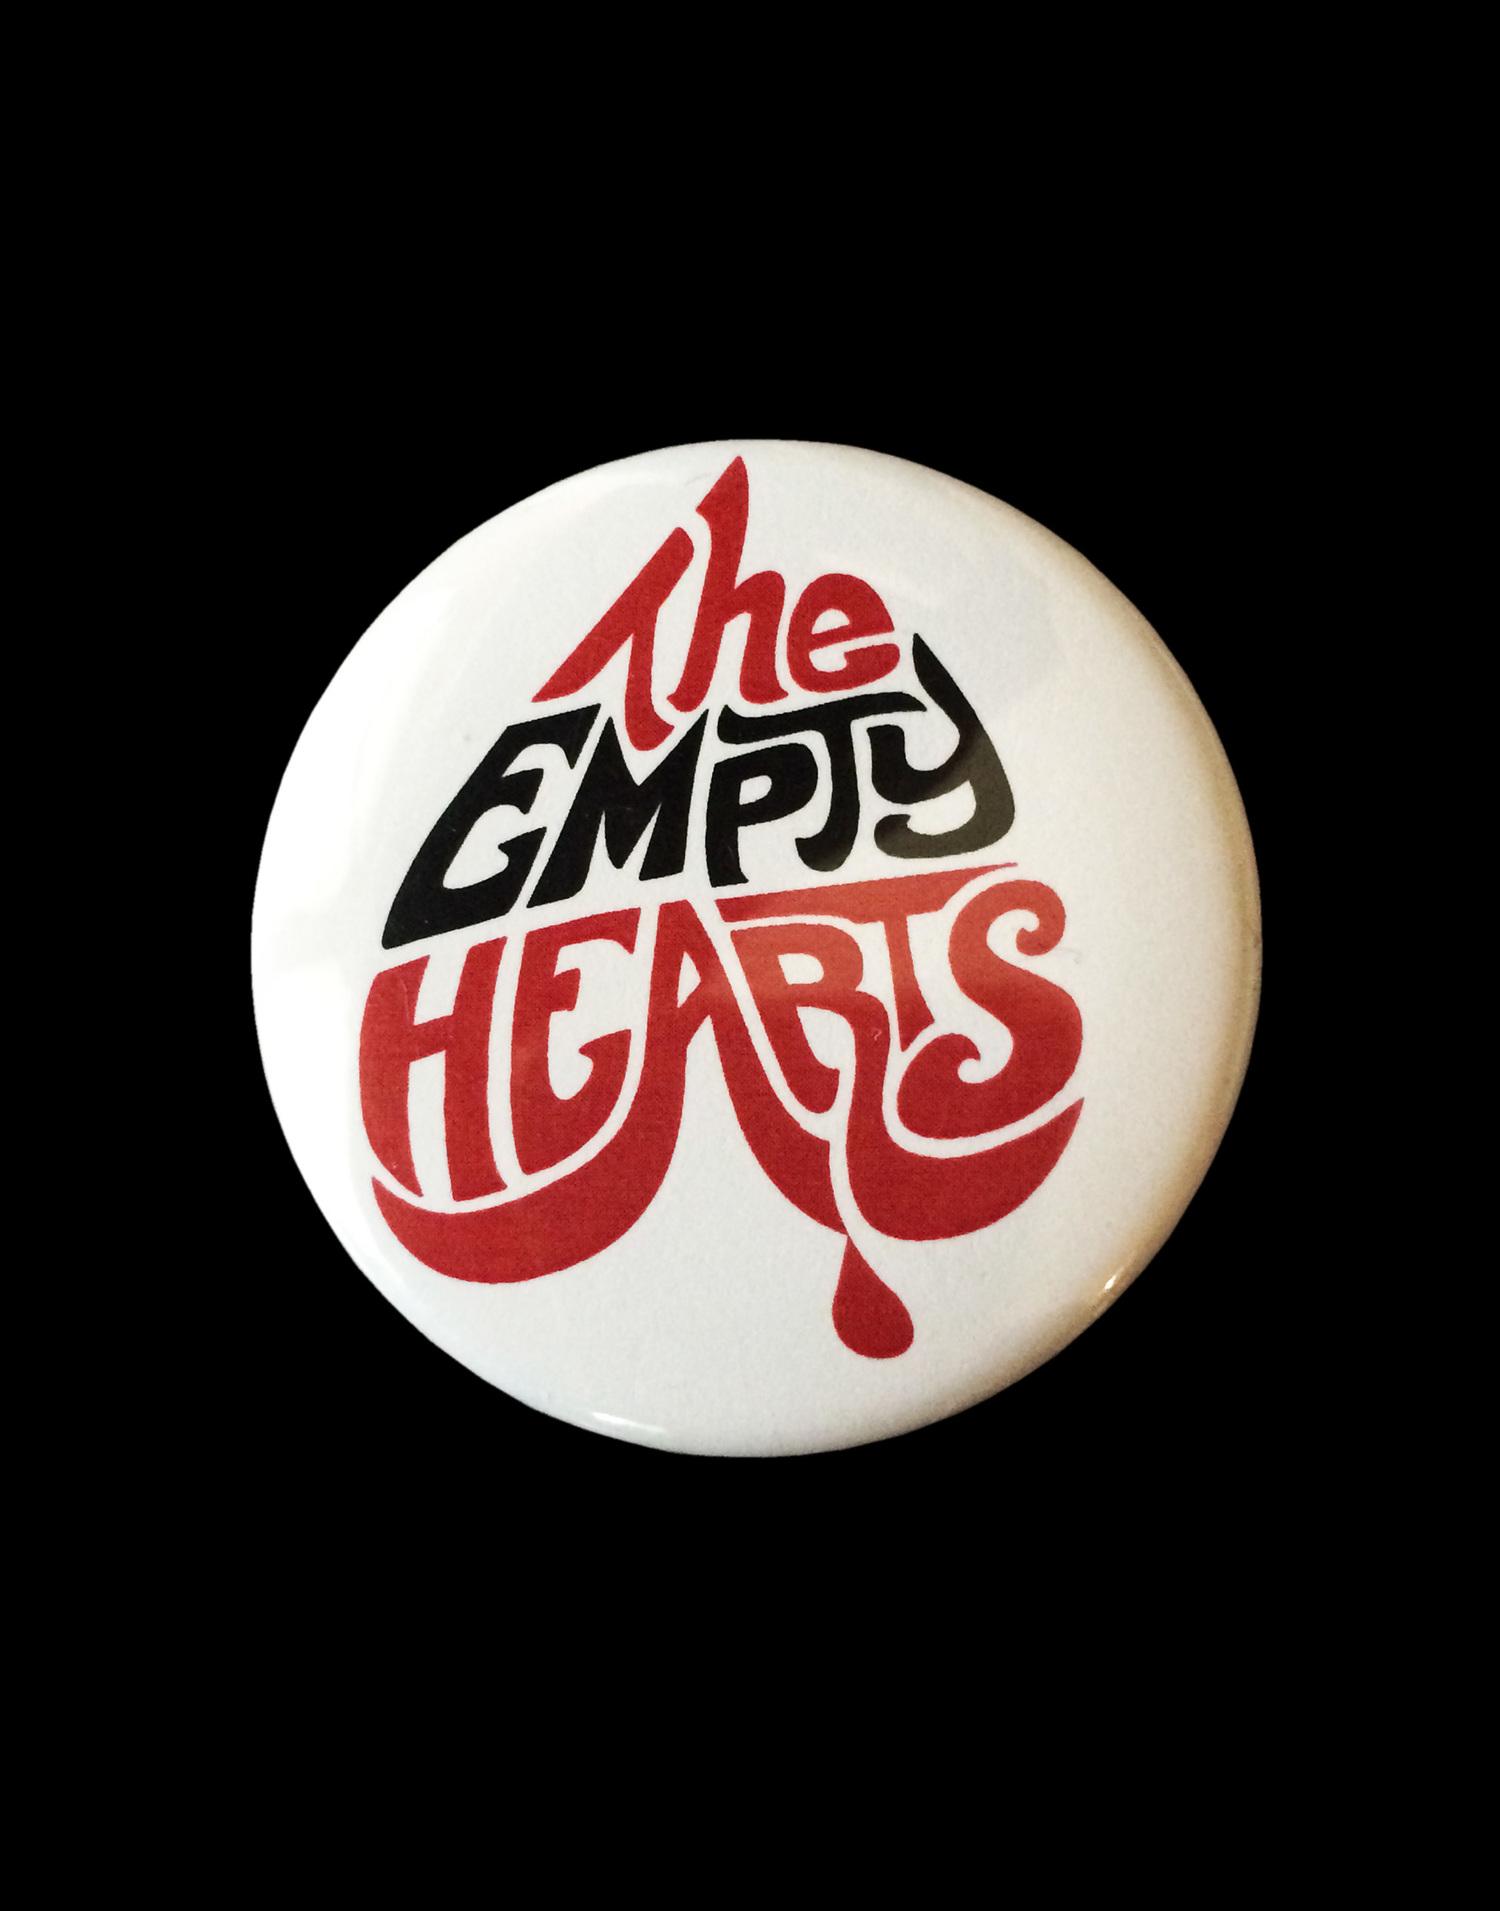 Empty Heart Empty Hearts Big Heart Logo